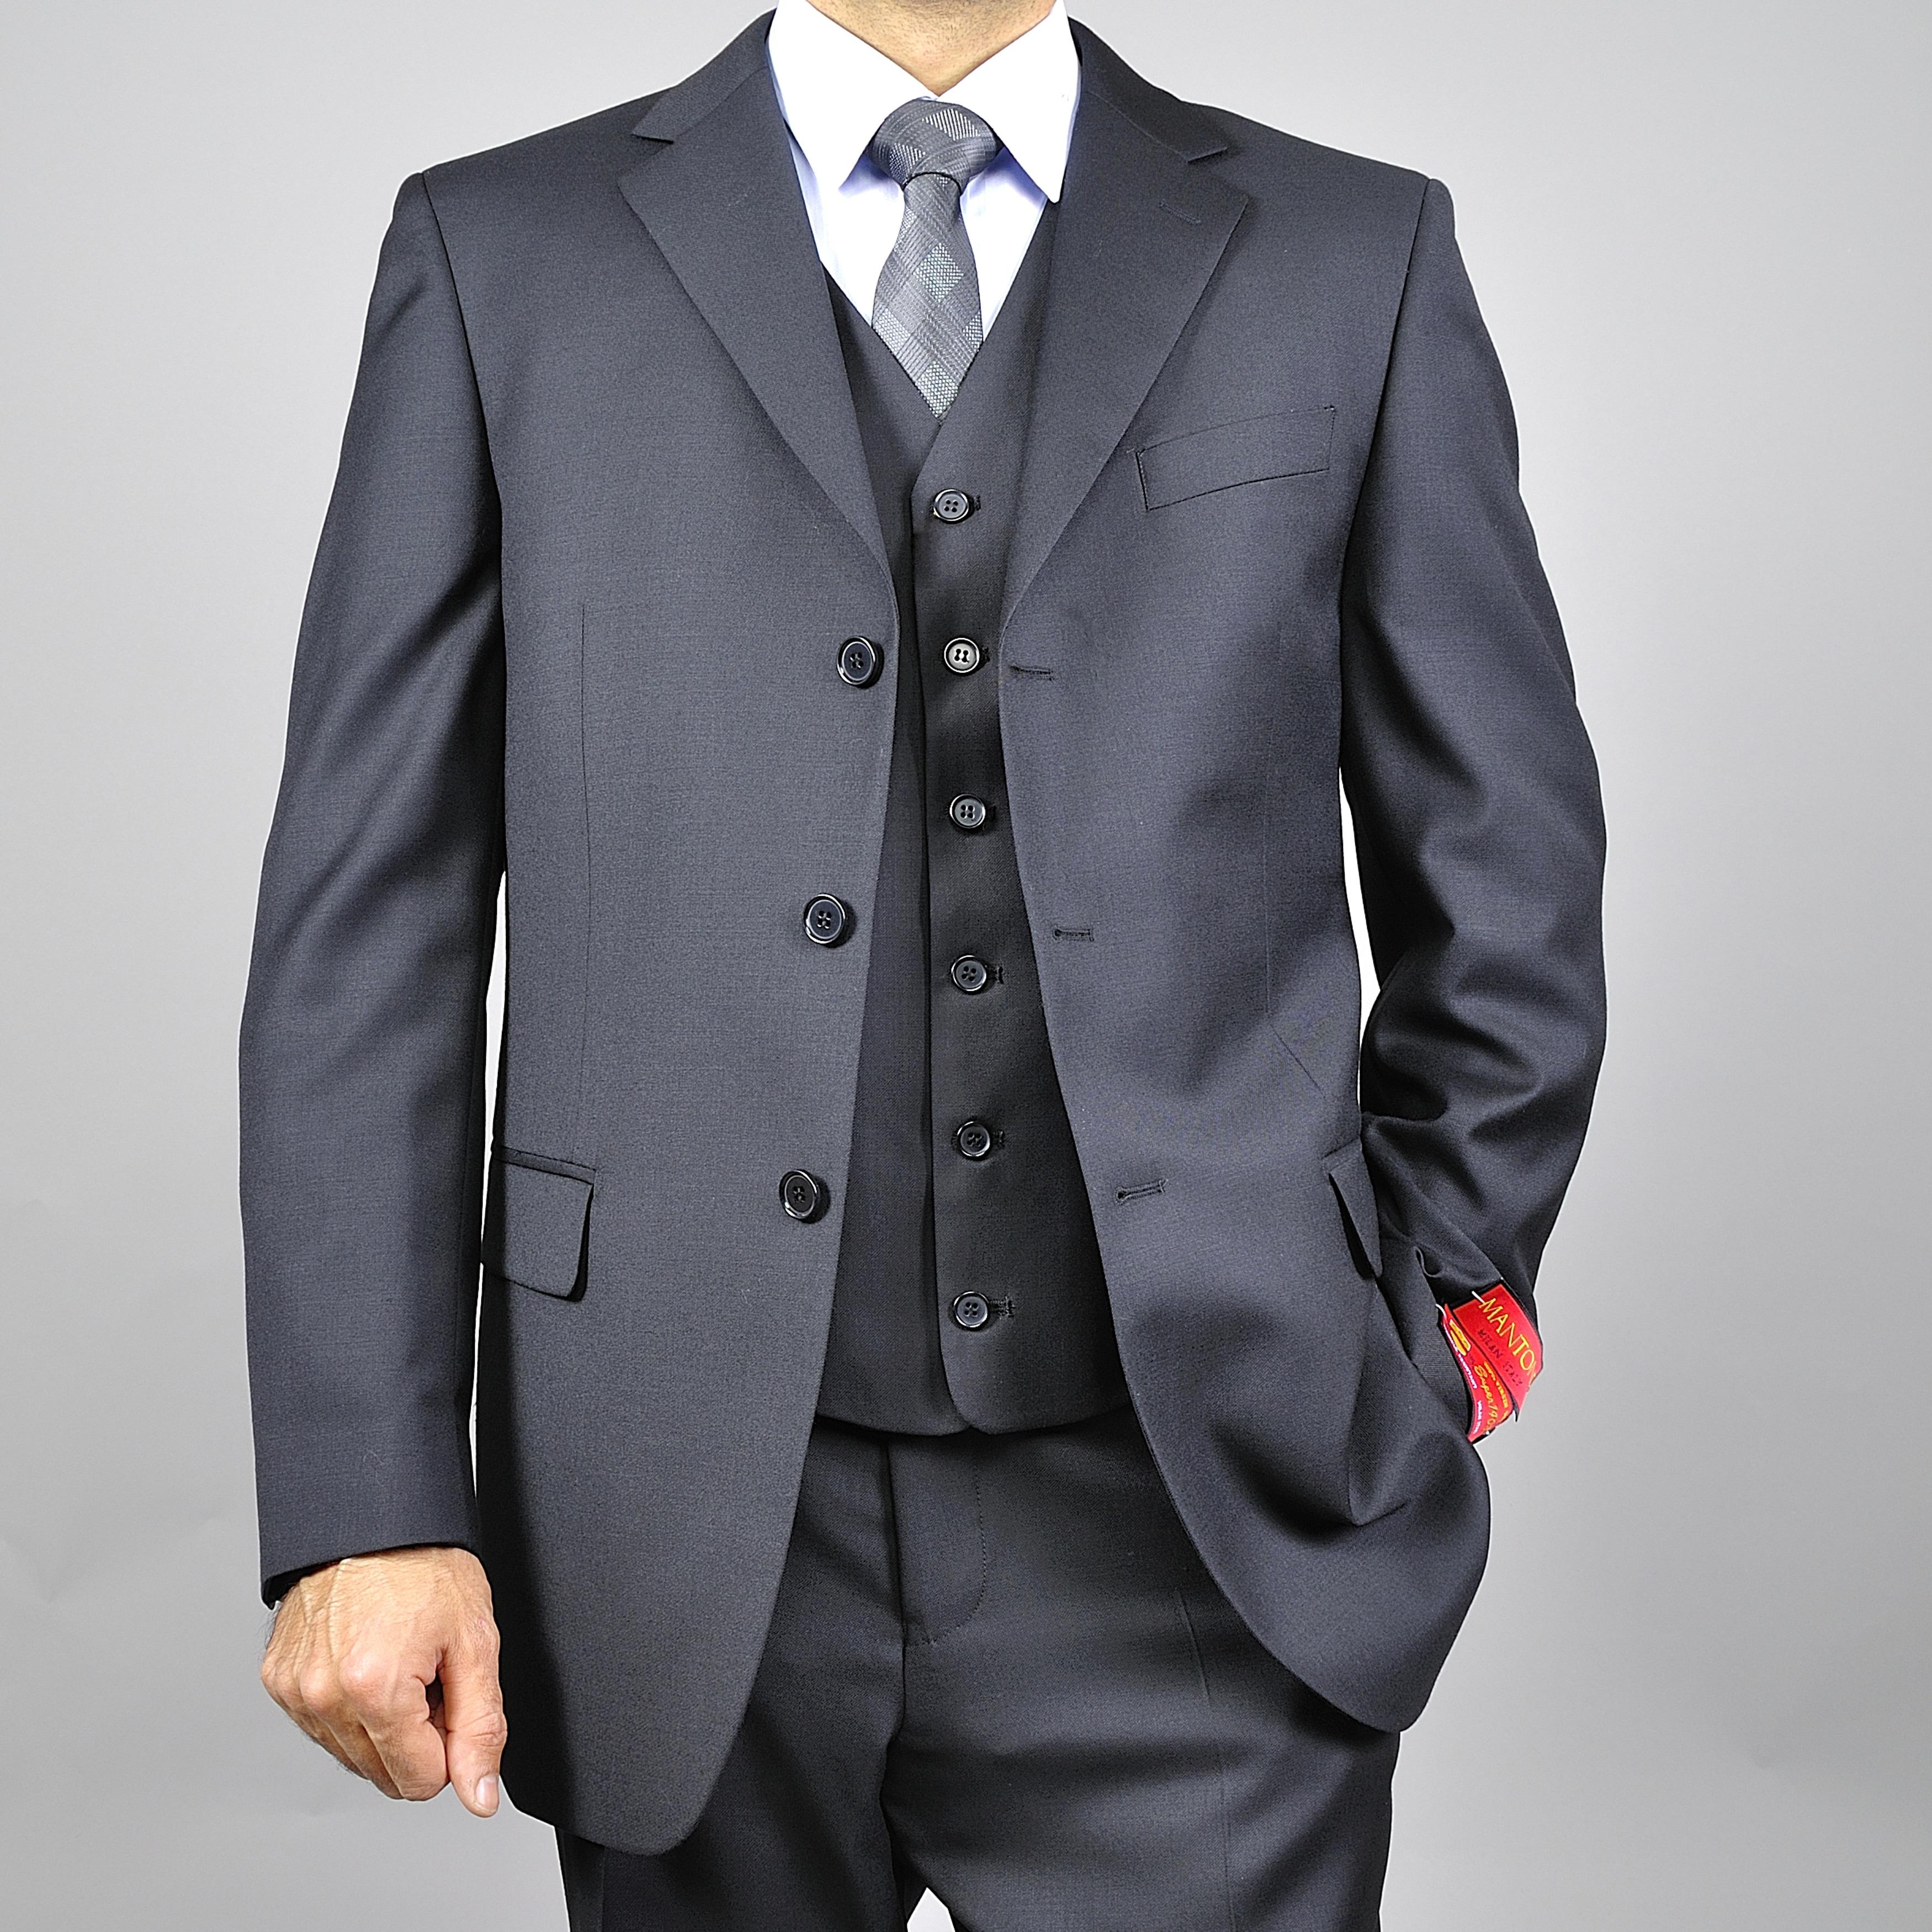 Black 3-Piece Vested Suit